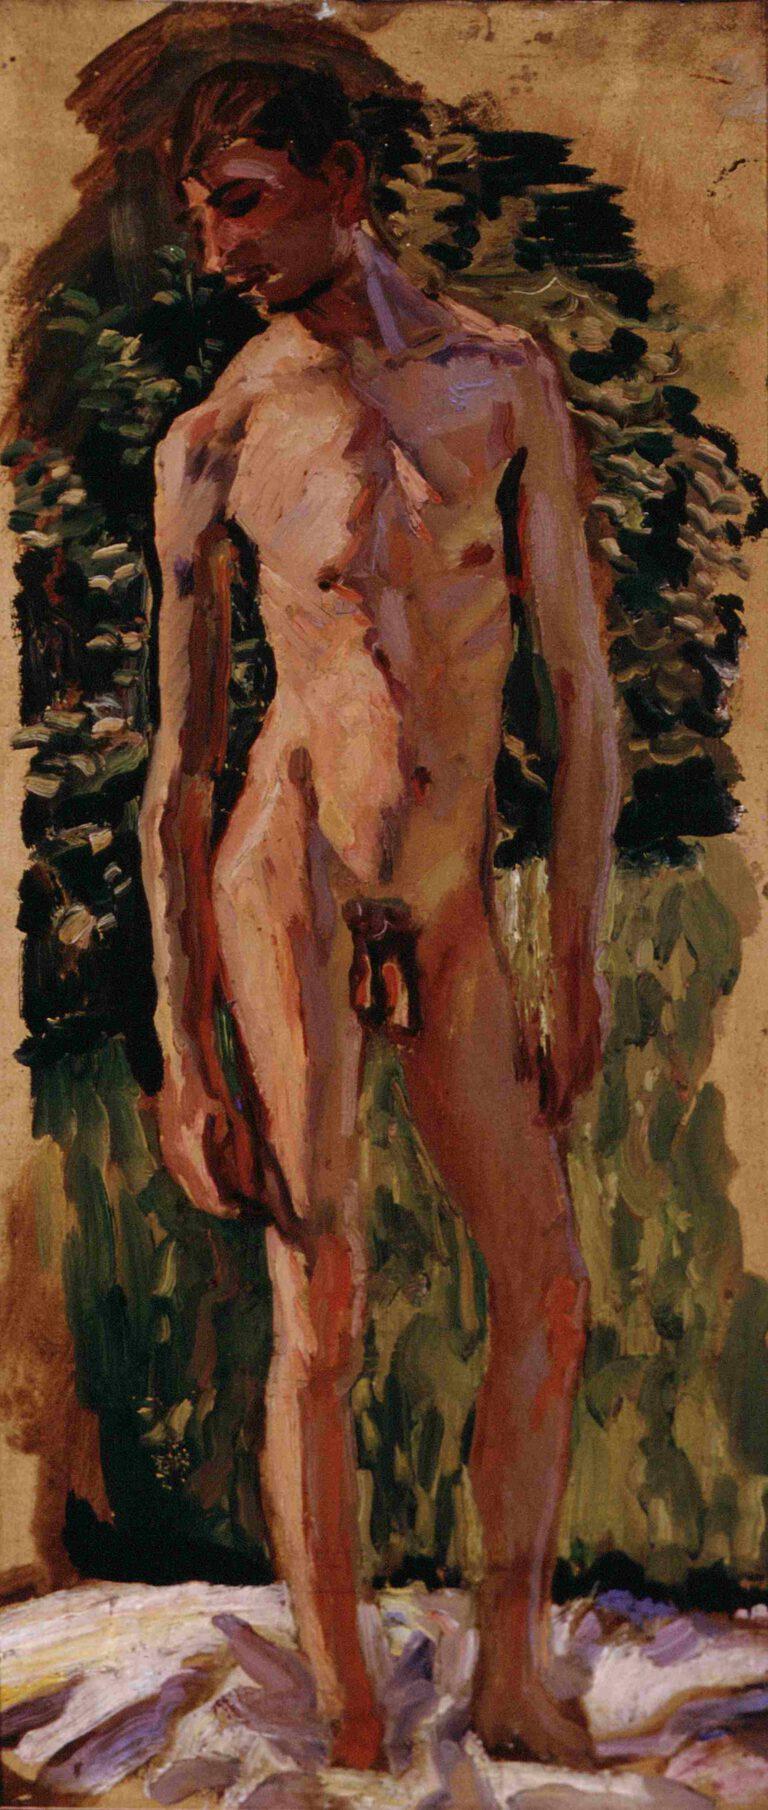 Stehender Jünglingsakt, 1909